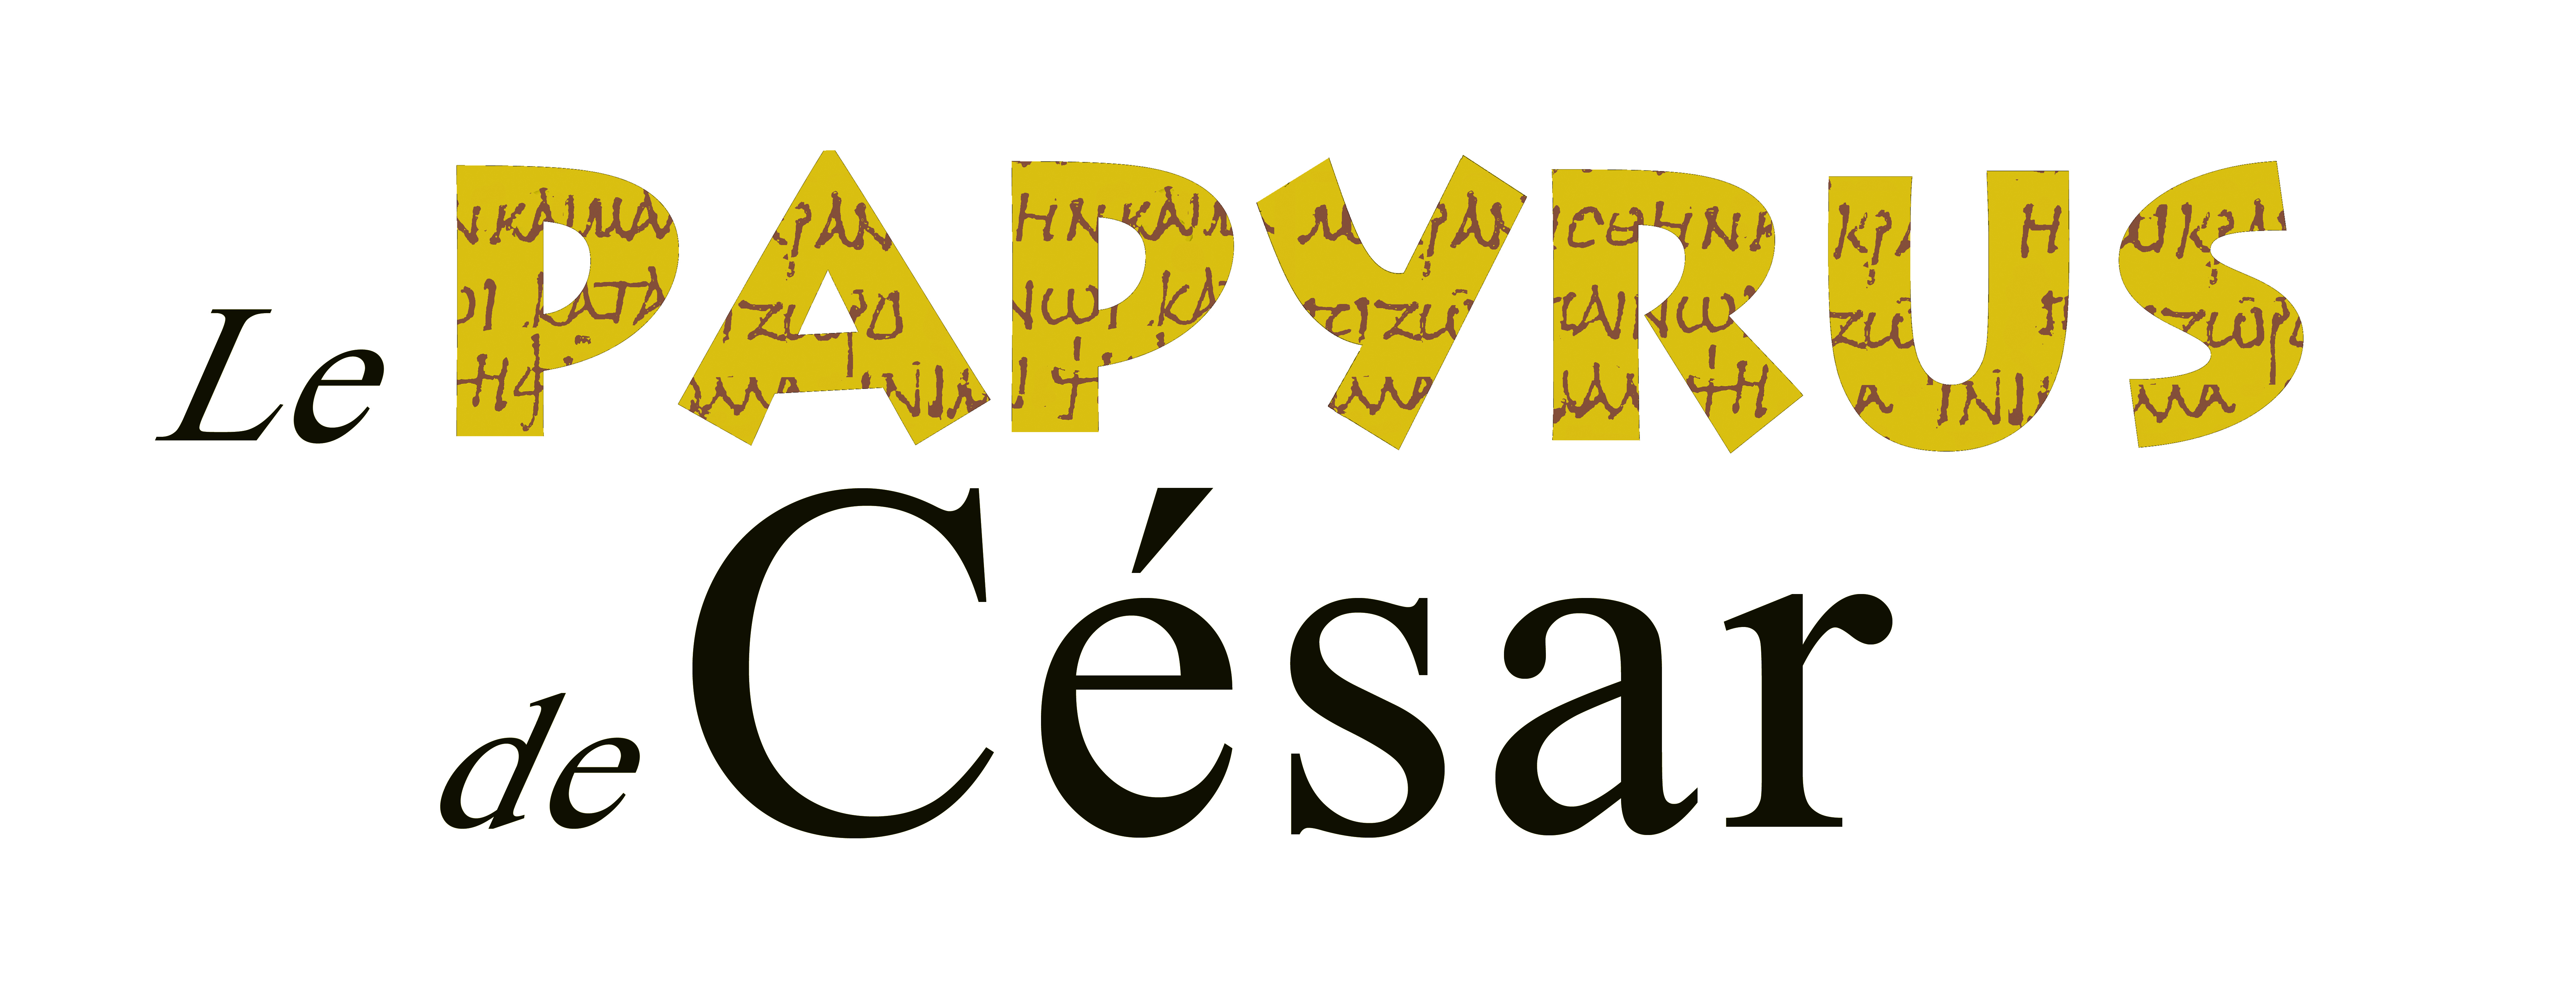 Astérix #36 - La papyrus de César - Les éditions Albert René